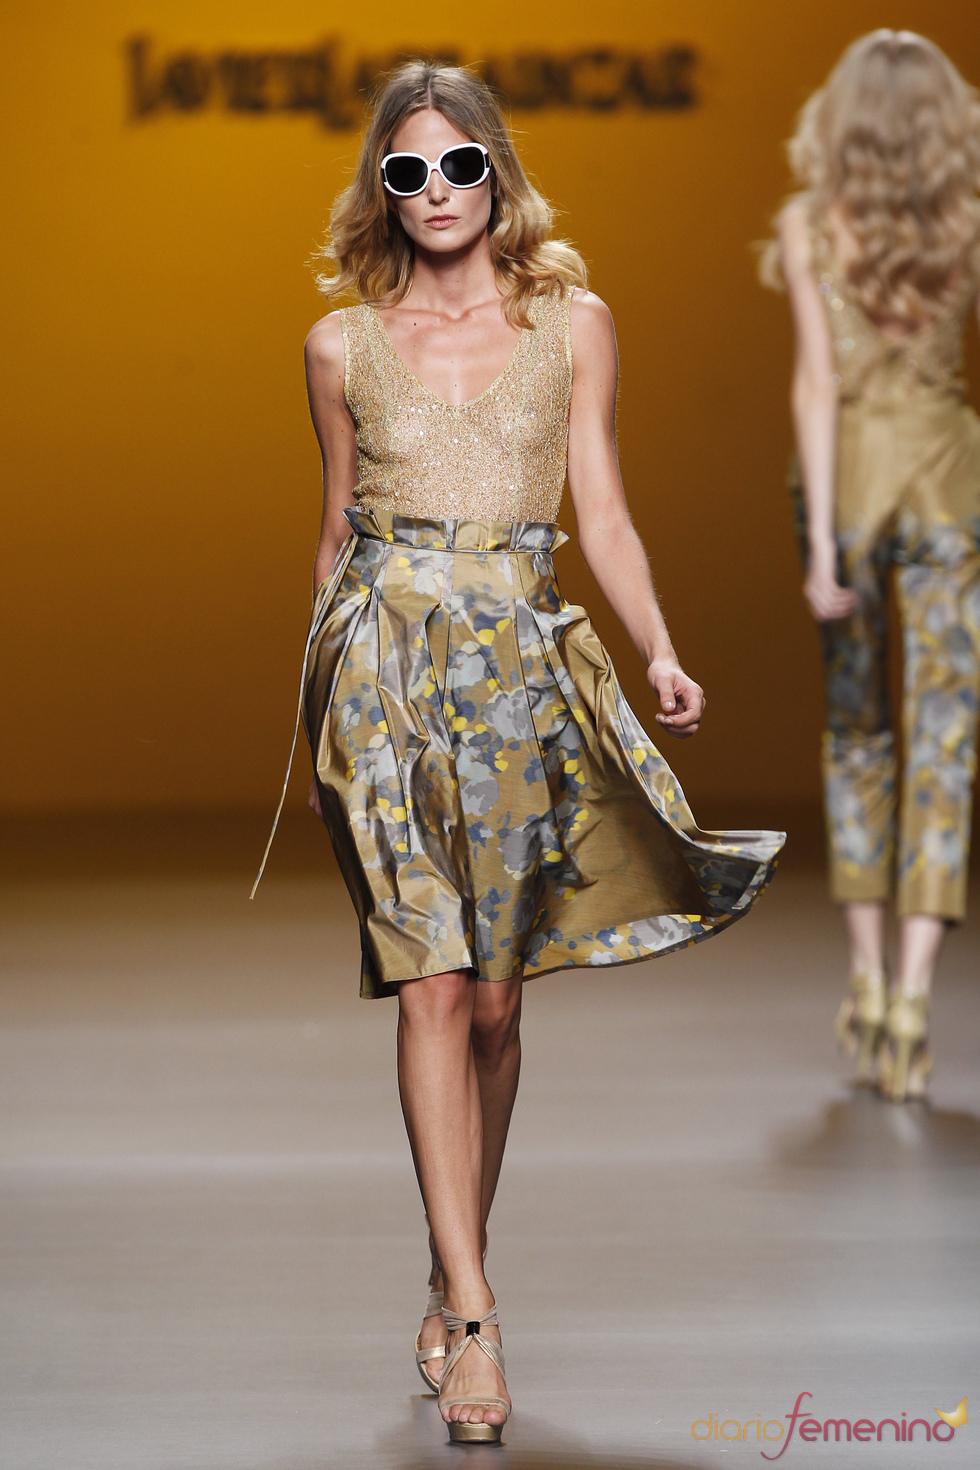 Falda plisada con top dorado de Javier Larrainzar en Cibeles 2011